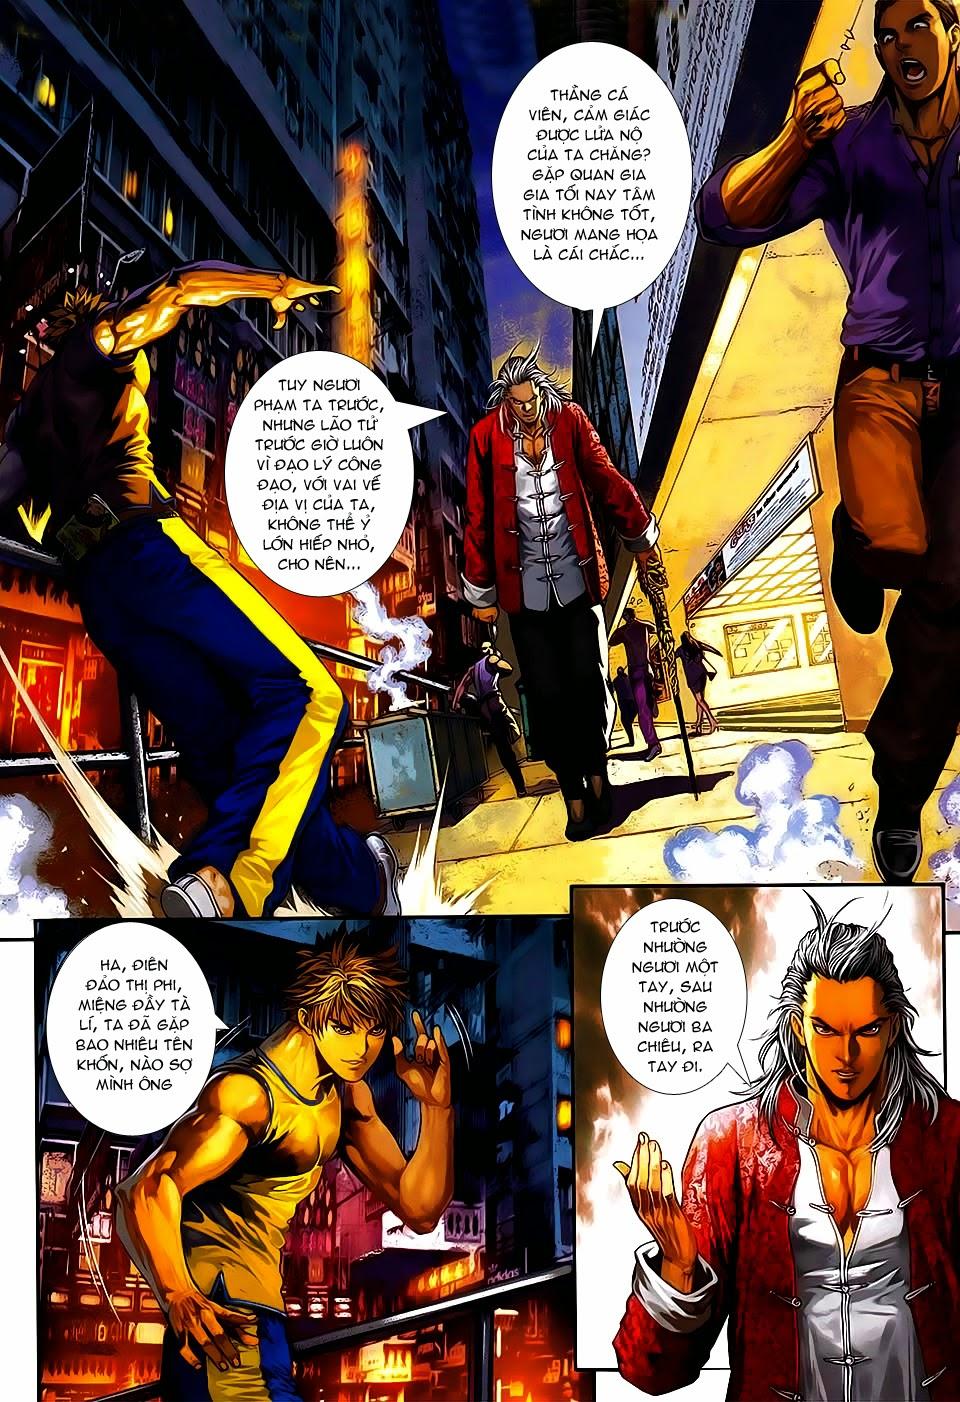 Quyền Đạo chapter 7 trang 8